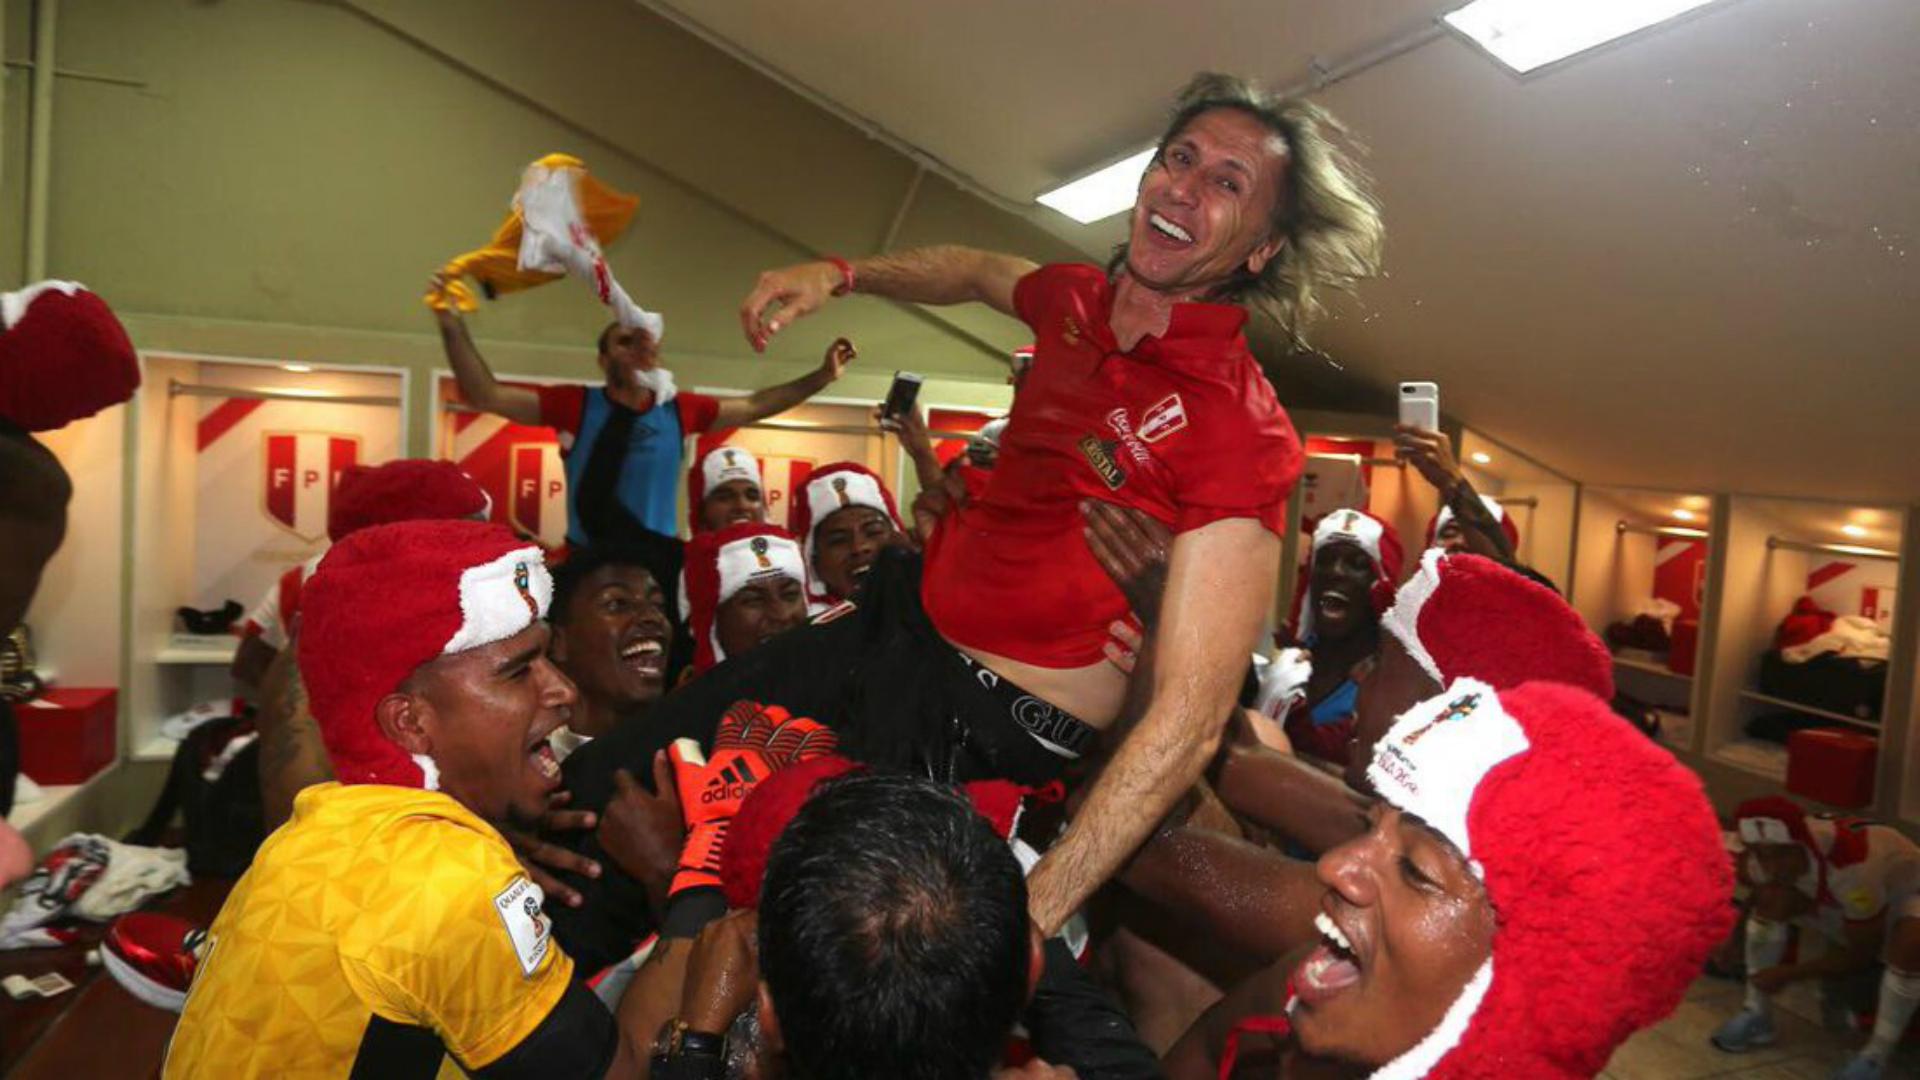 ¡Gareca lo hizo! Perú al mundial tras 36 años